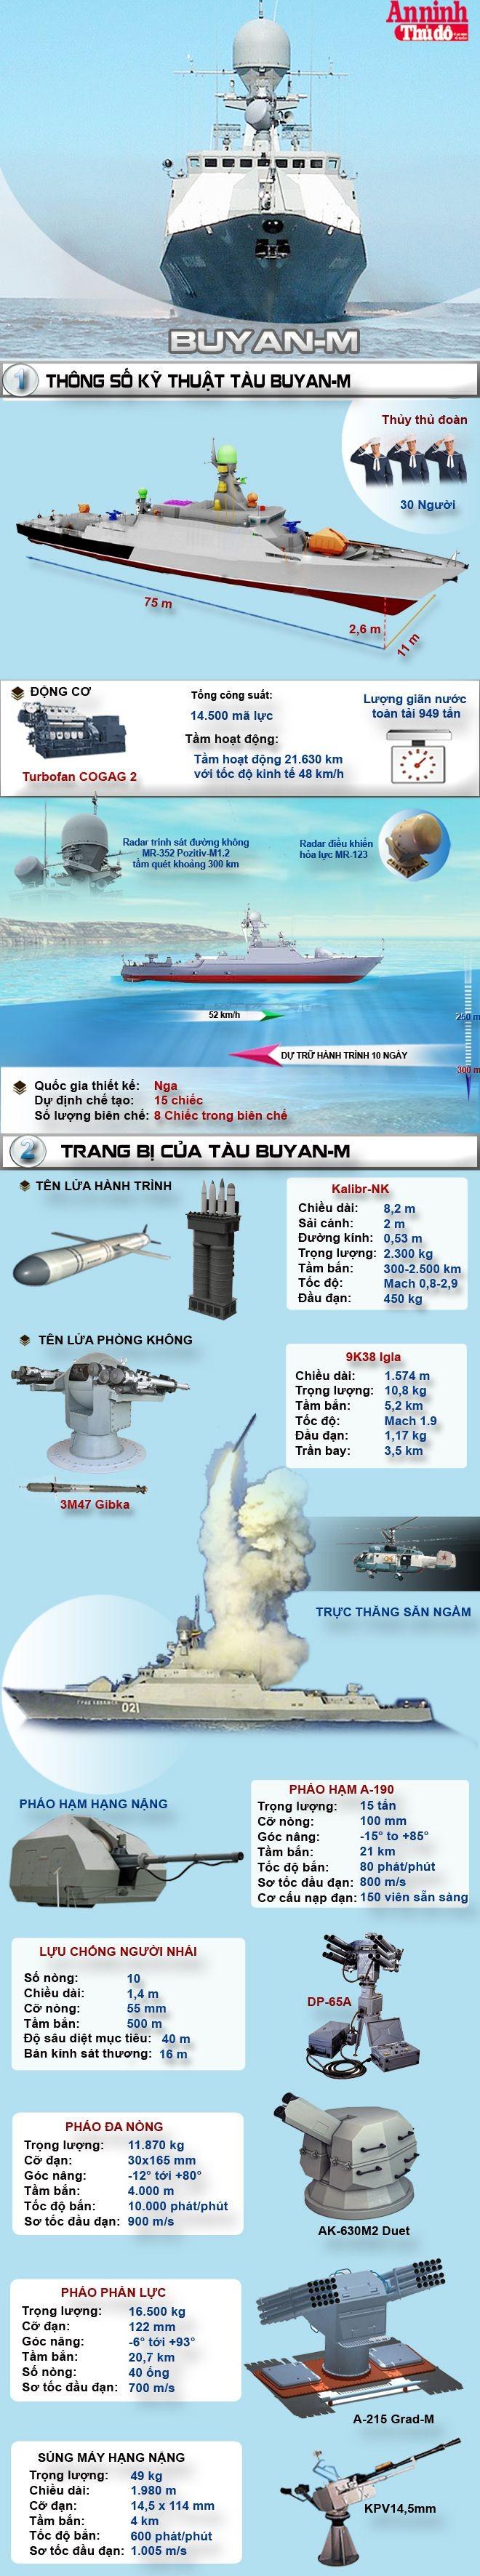 [Infographic] Buyan-M - Khinh hạm hiện đại đáng gờm của Nga